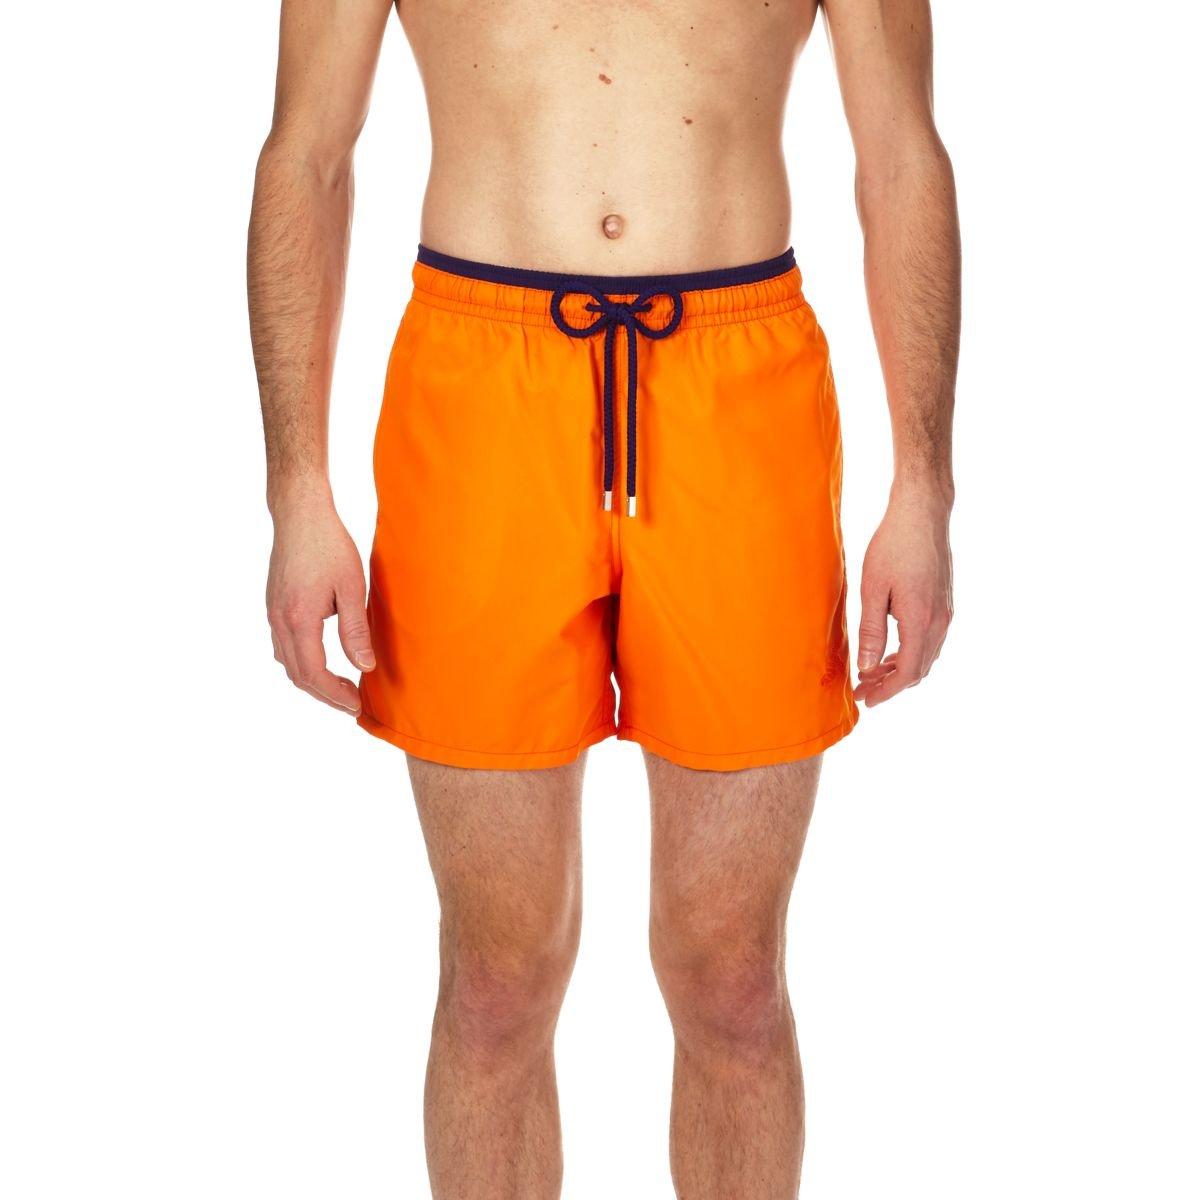 VILEBREQUIN - Bañador con Estampado Bicolor para Hombre: Amazon.es: Ropa y accesorios